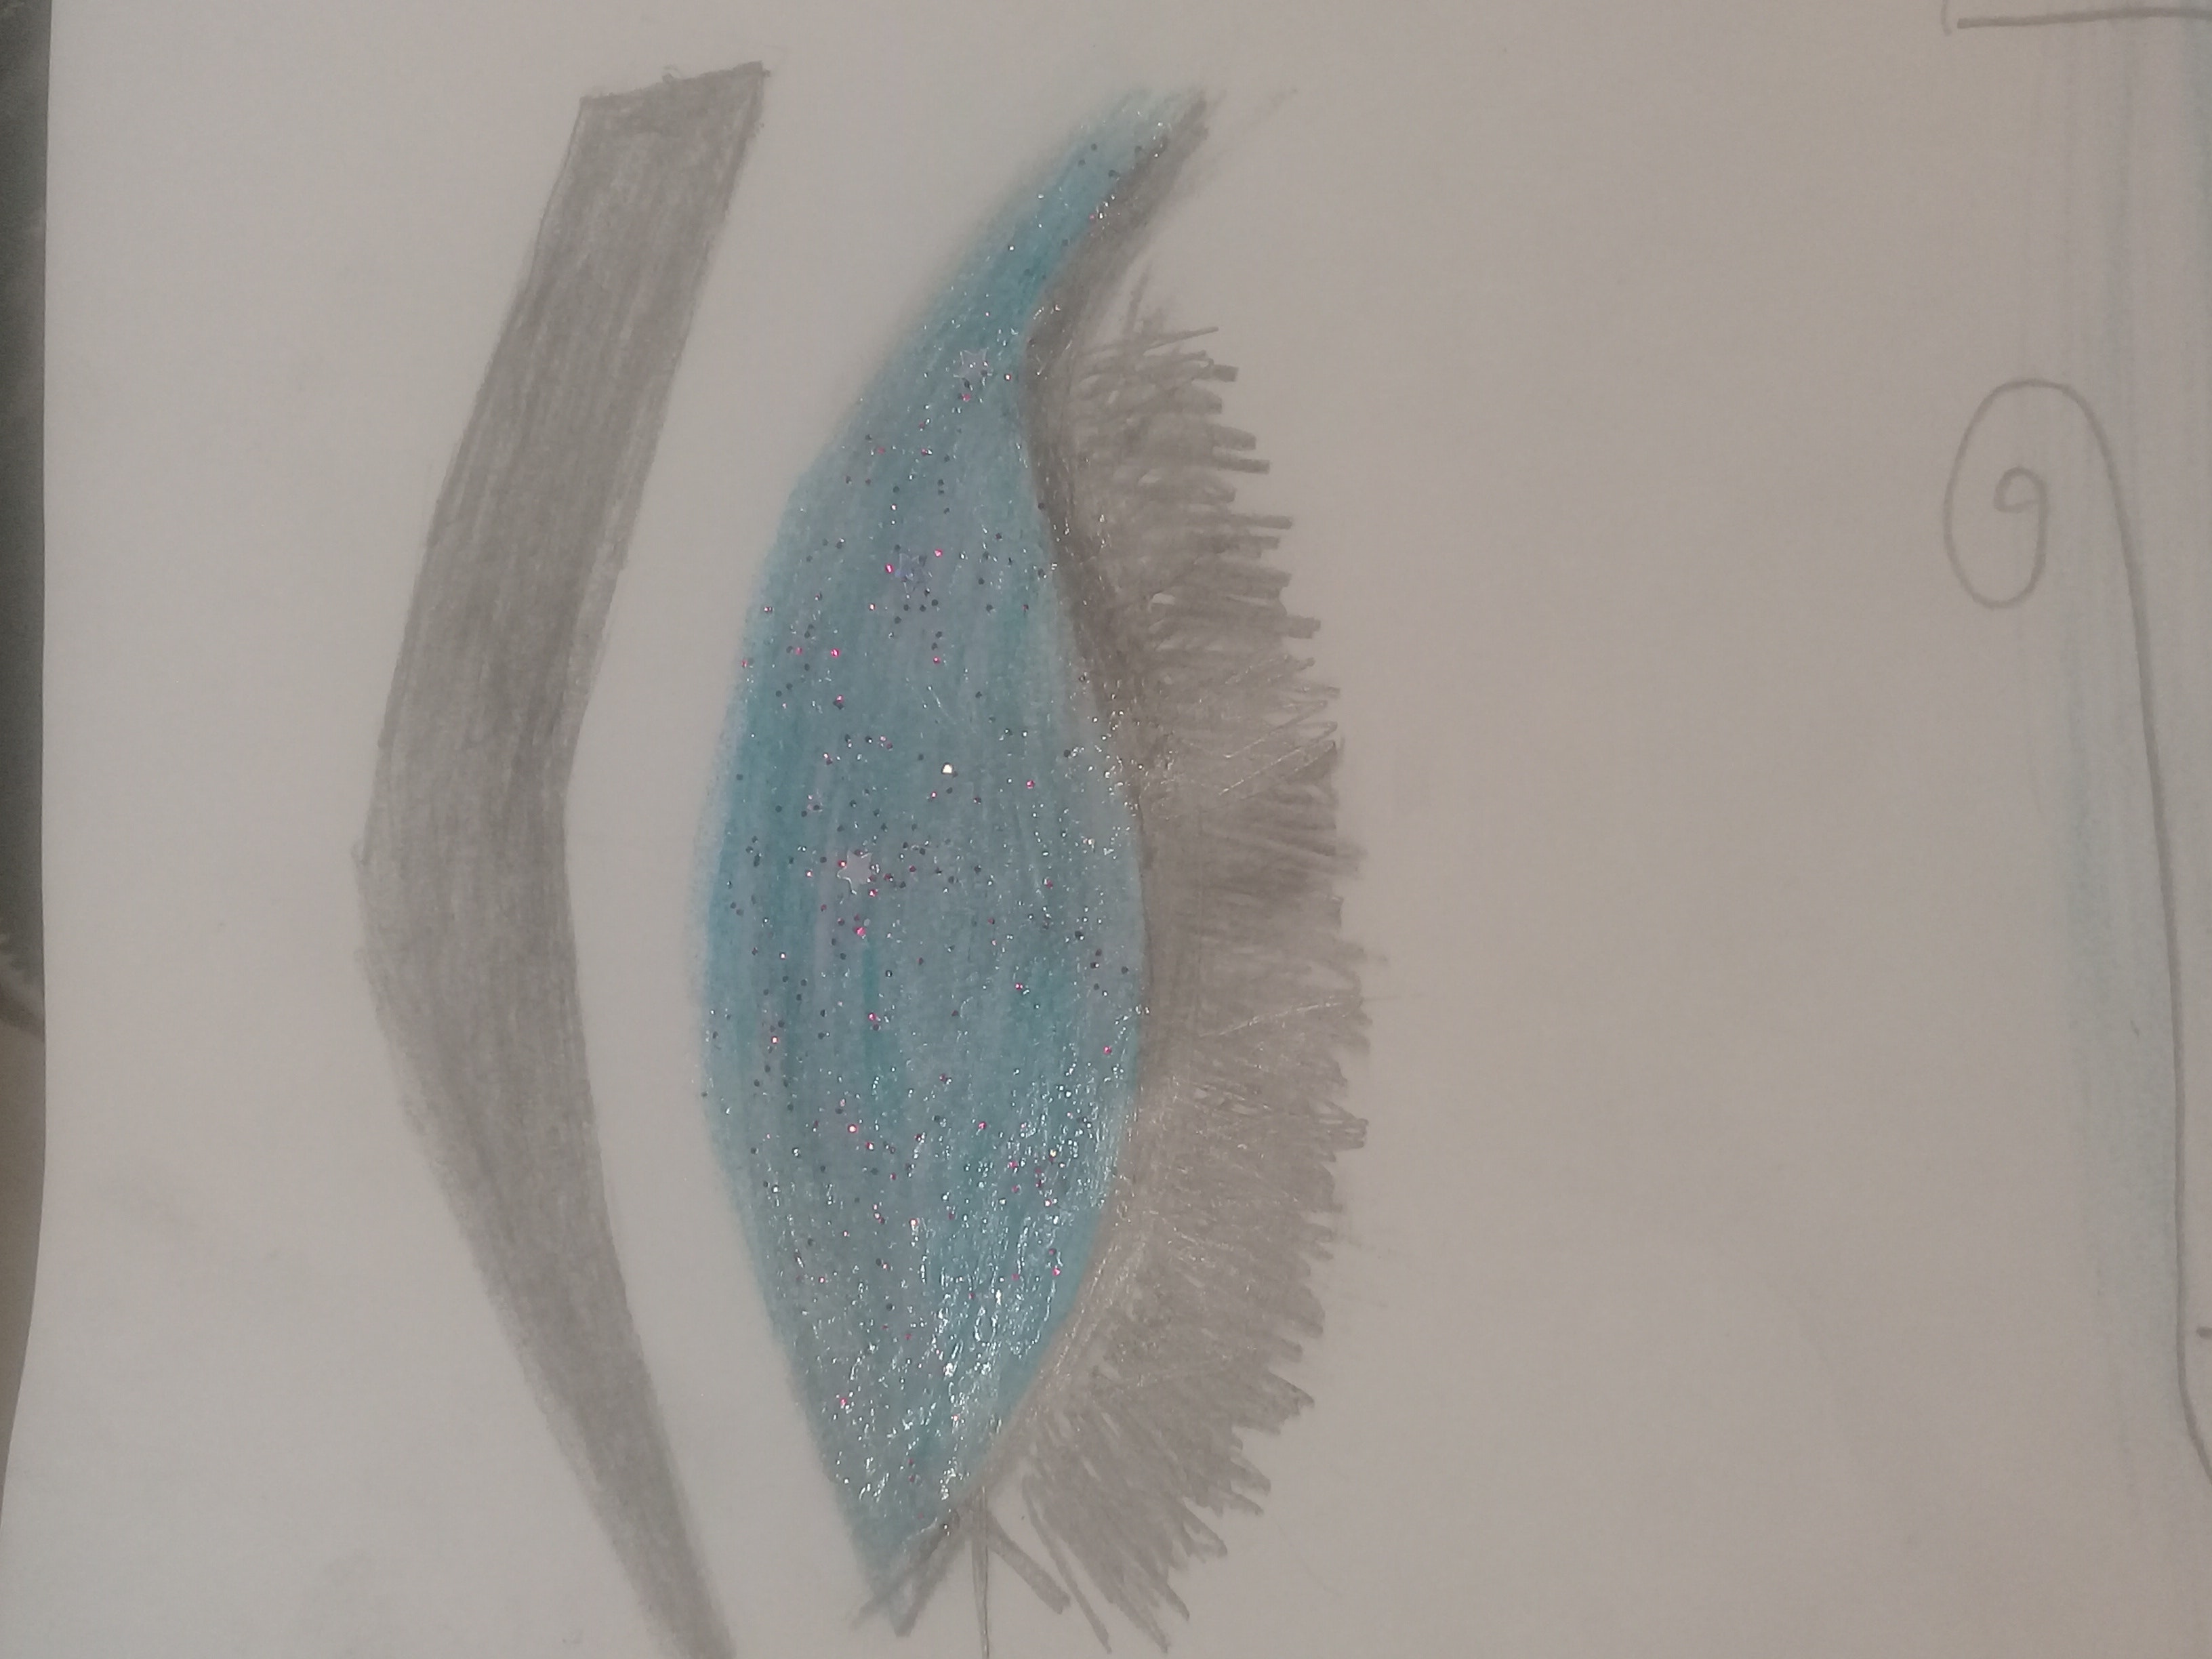 العين الساحرة/دعاية